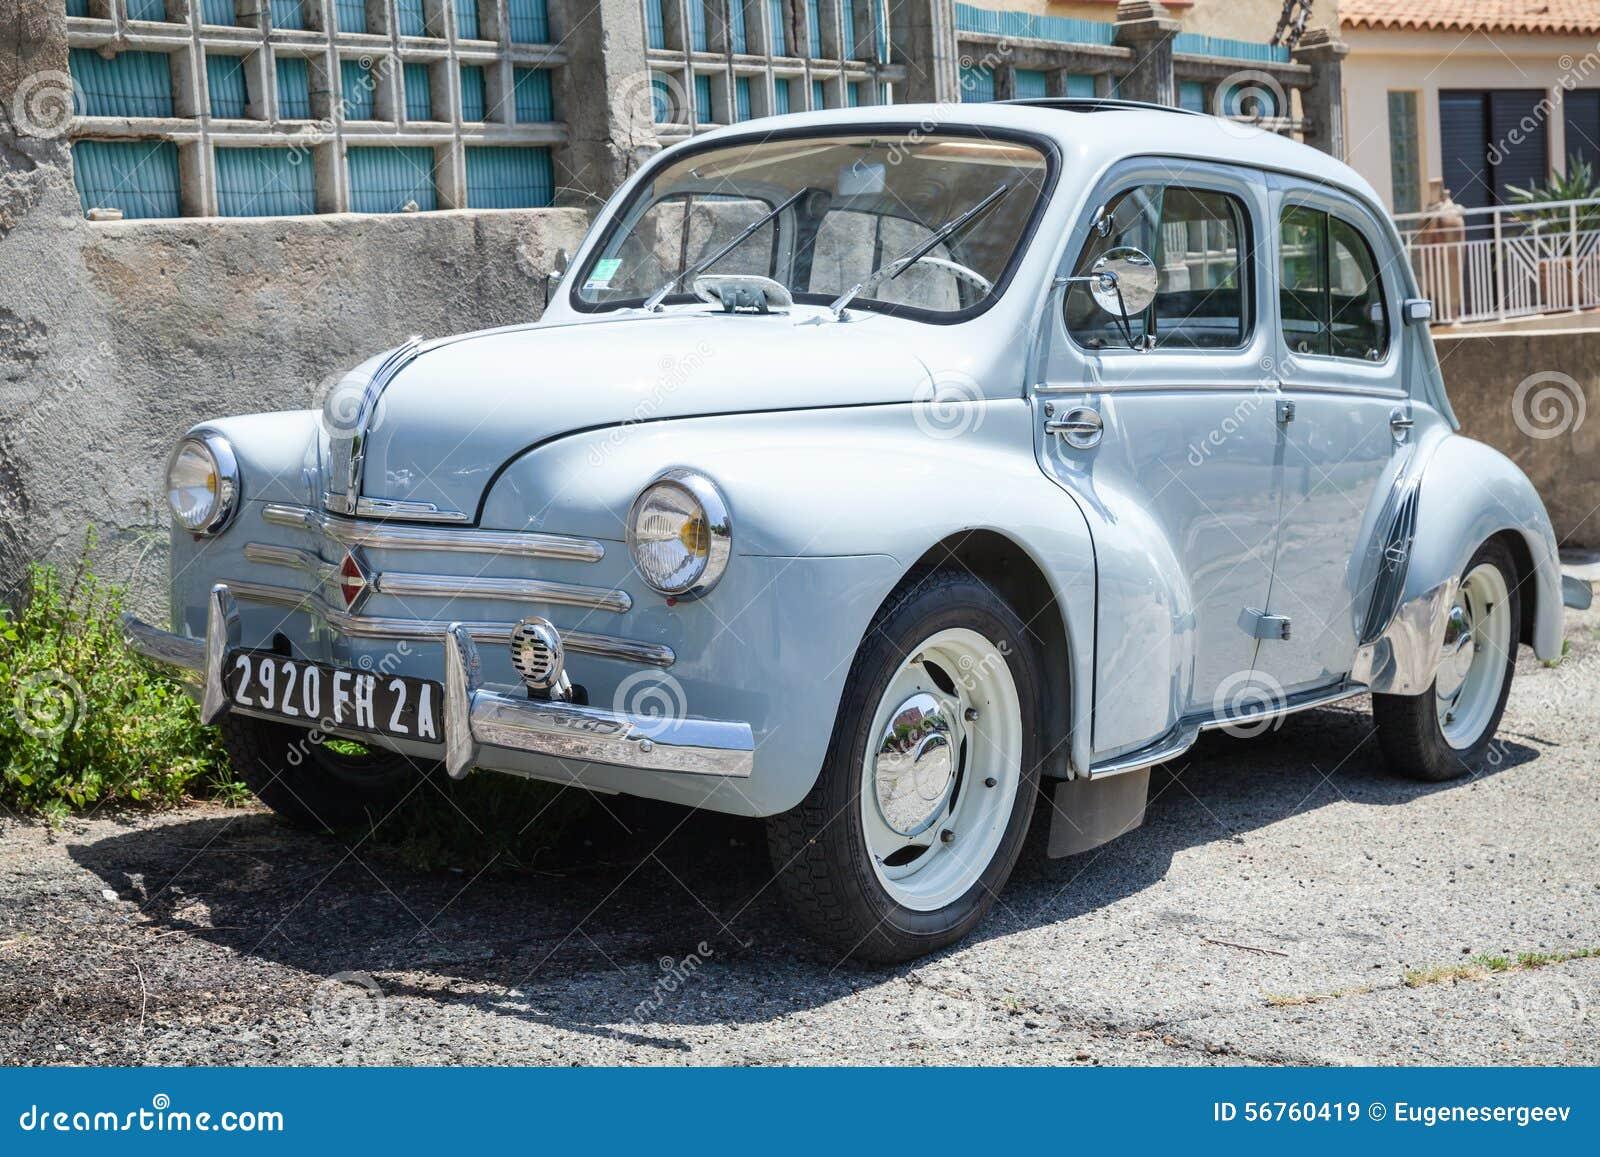 renault 4cv light blue old